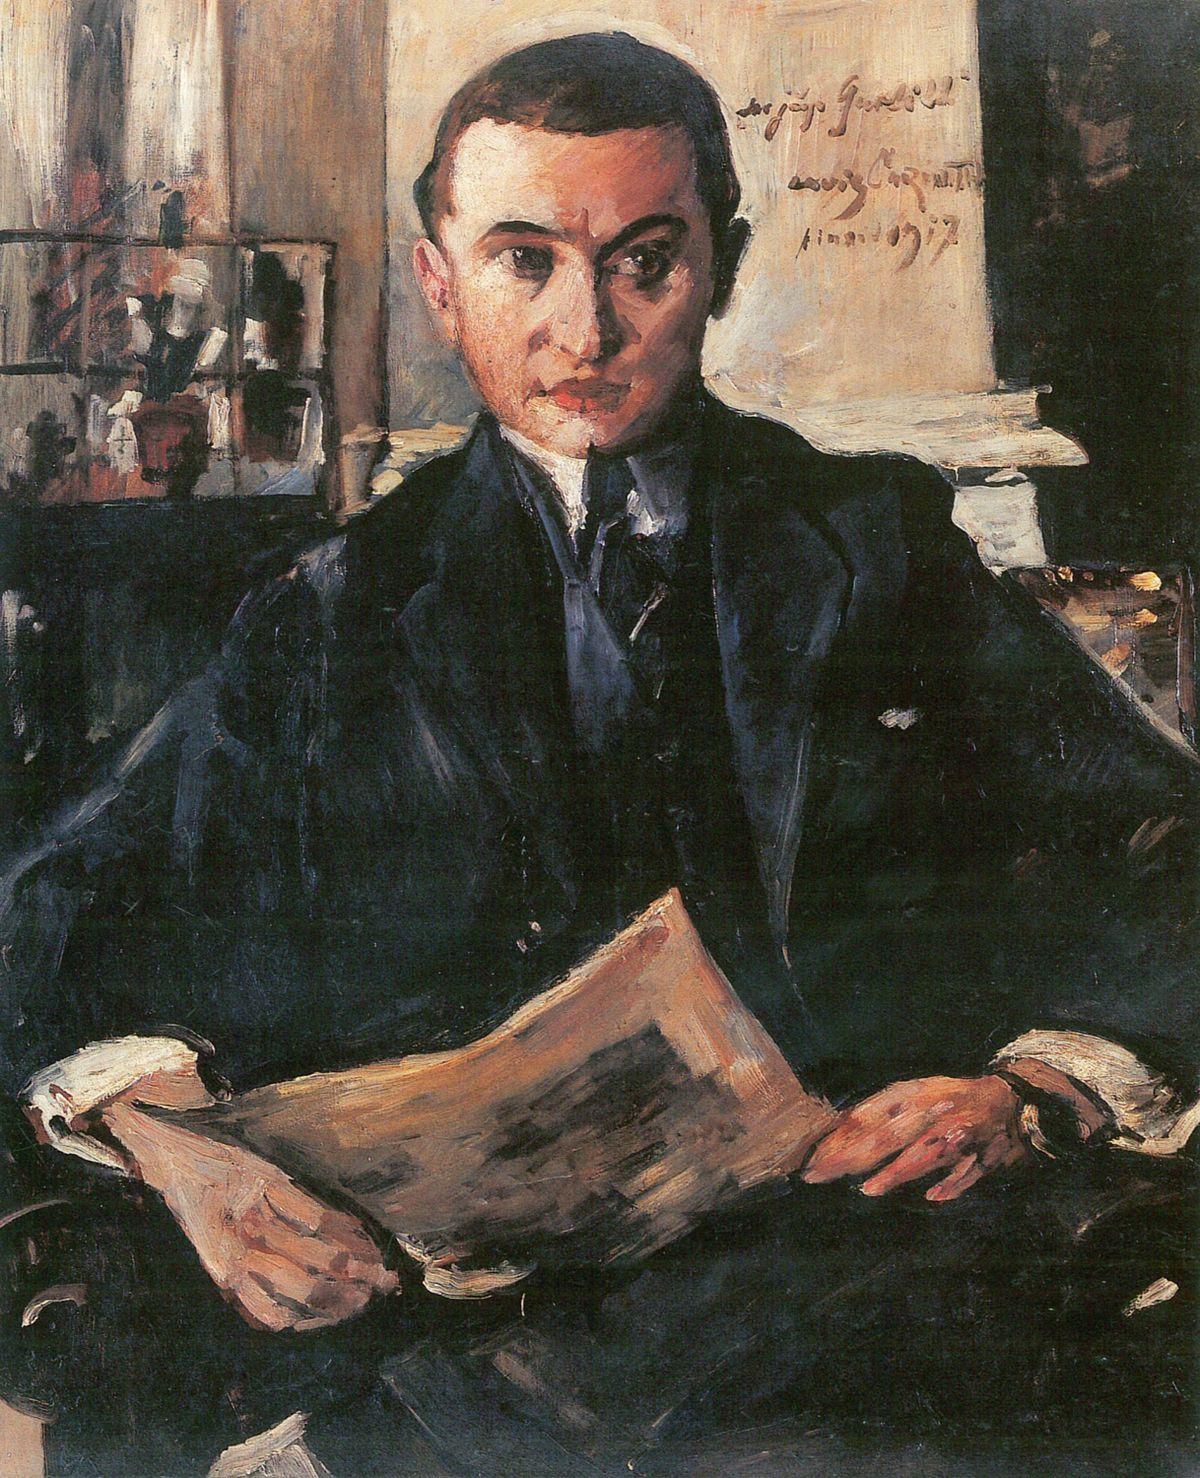 Wolfgang Gurlitt